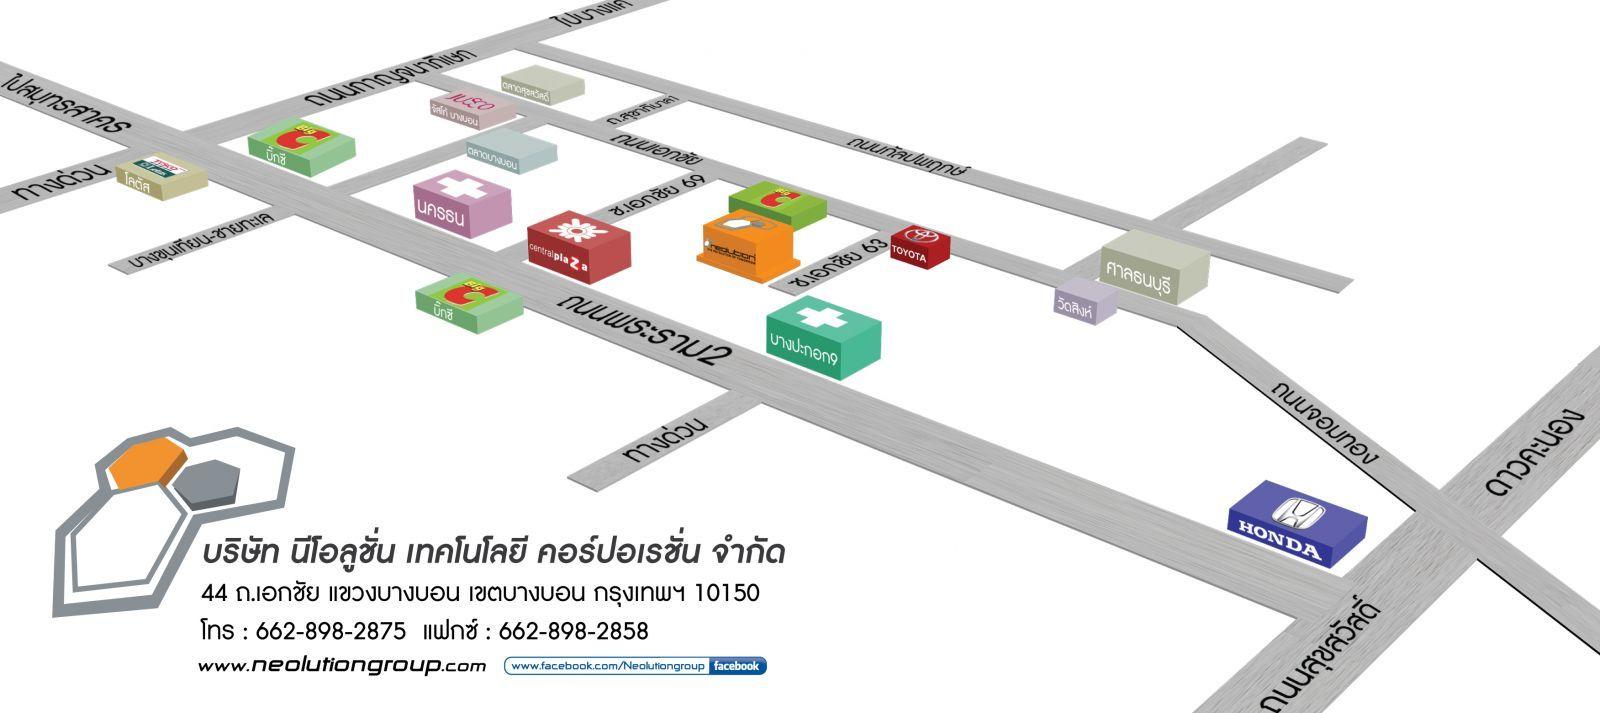 Map-Neolution